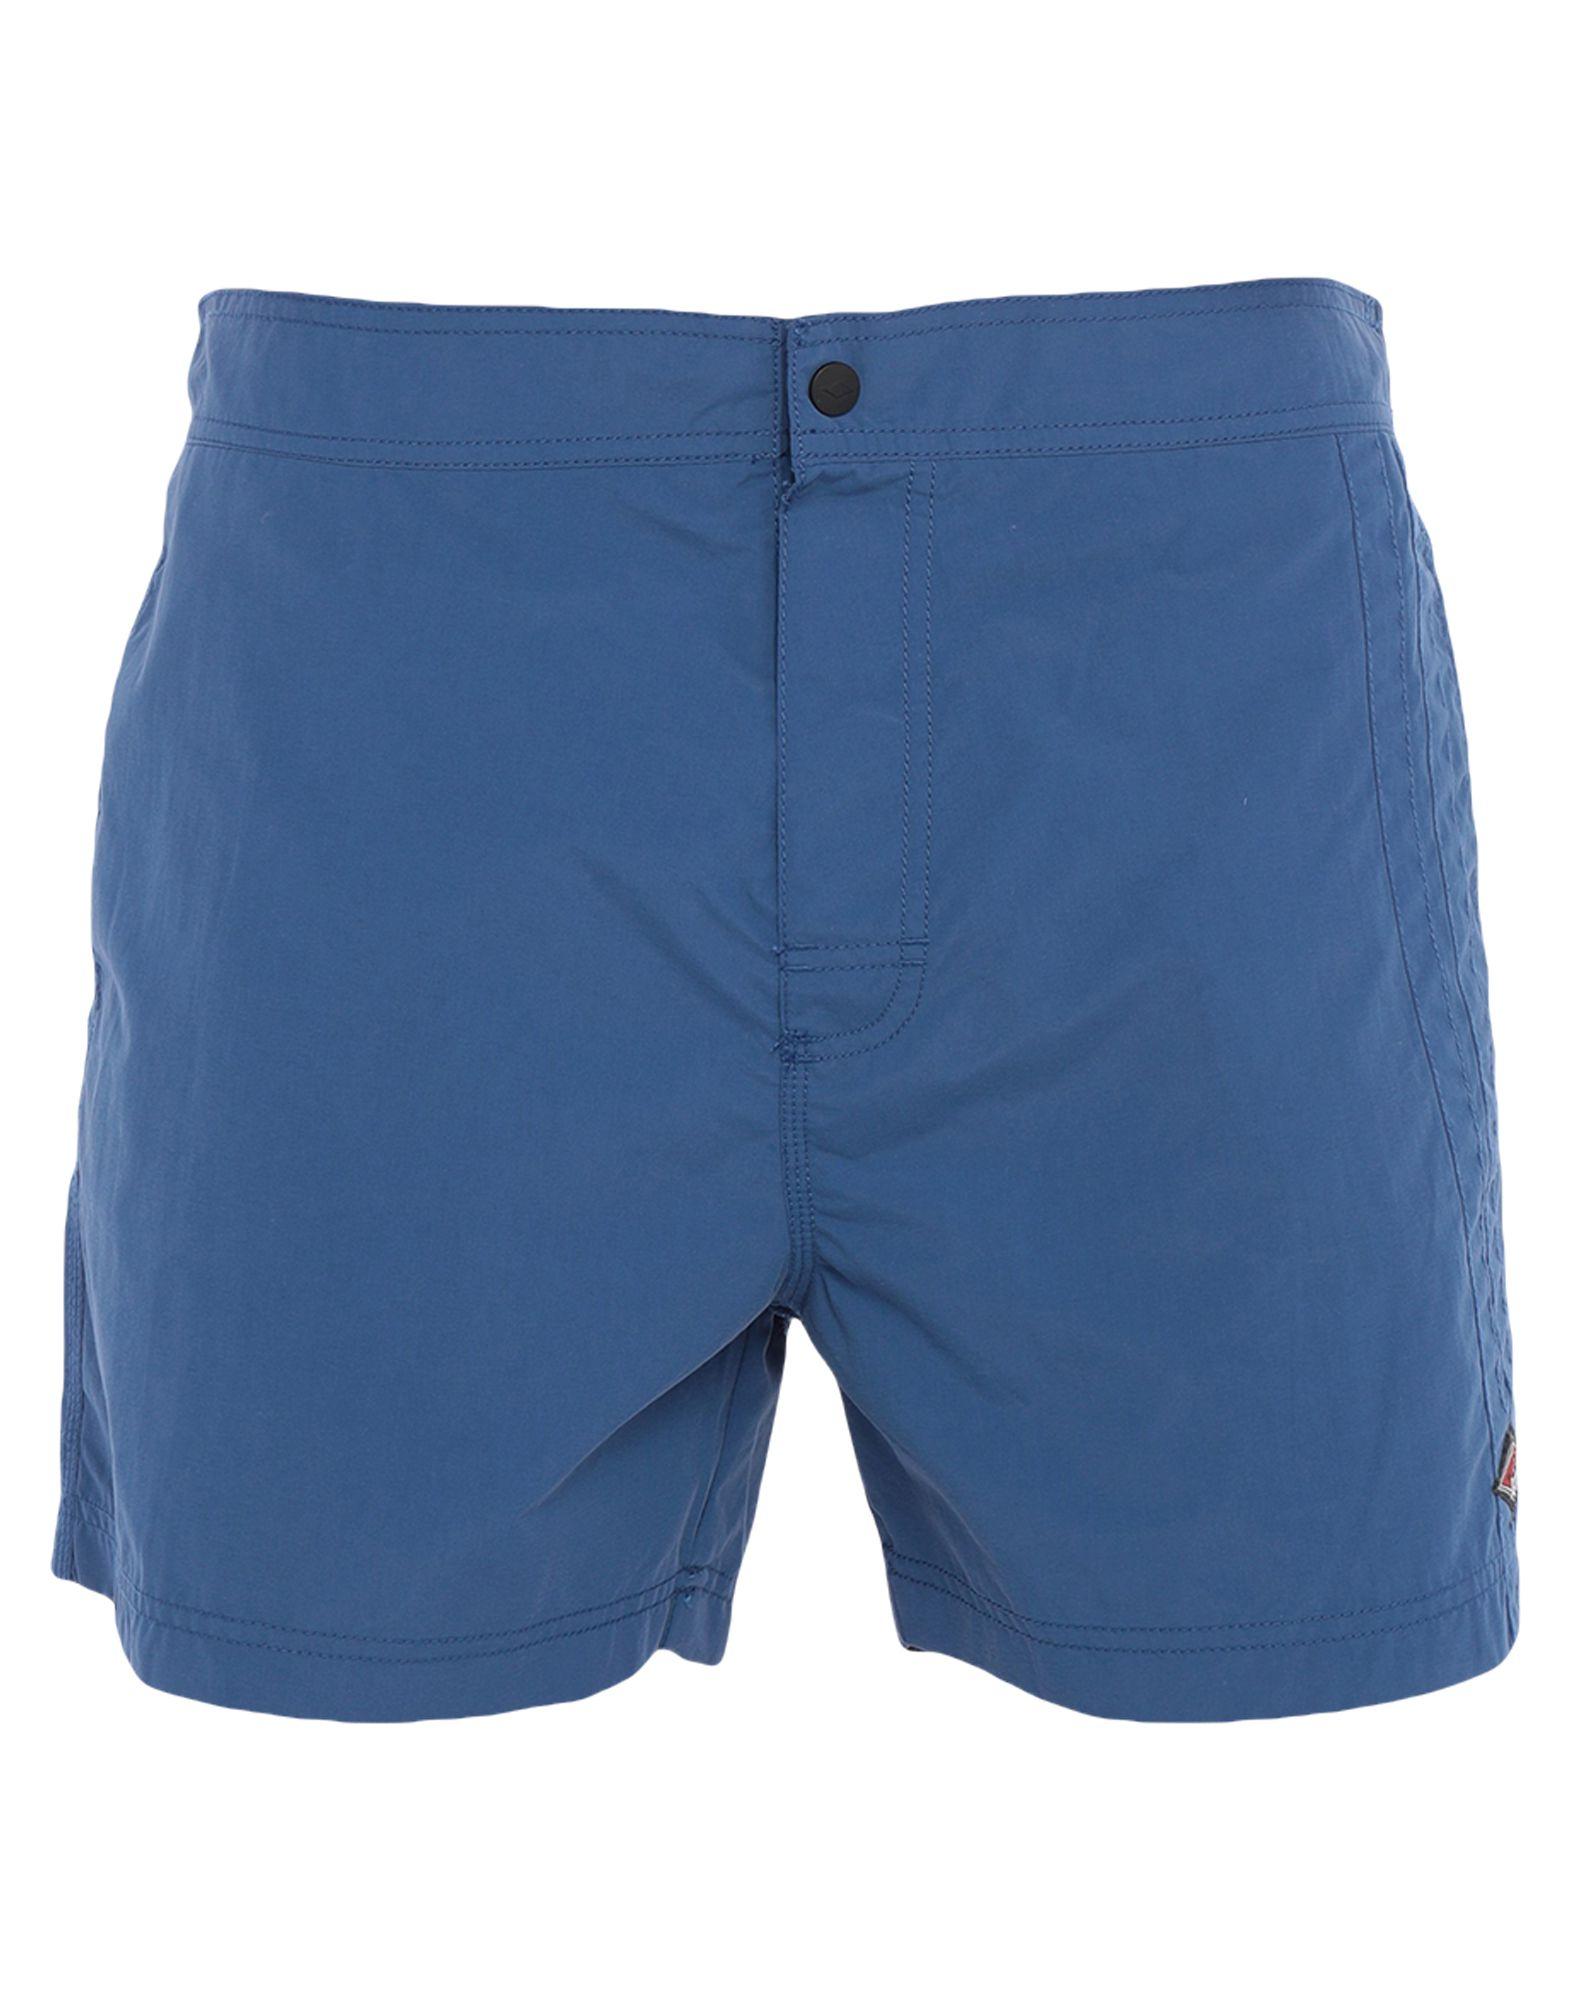 《セール開催中》BEAR メンズ 水着(ボクサーパンツ) ブルー 38 ナイロン 100%